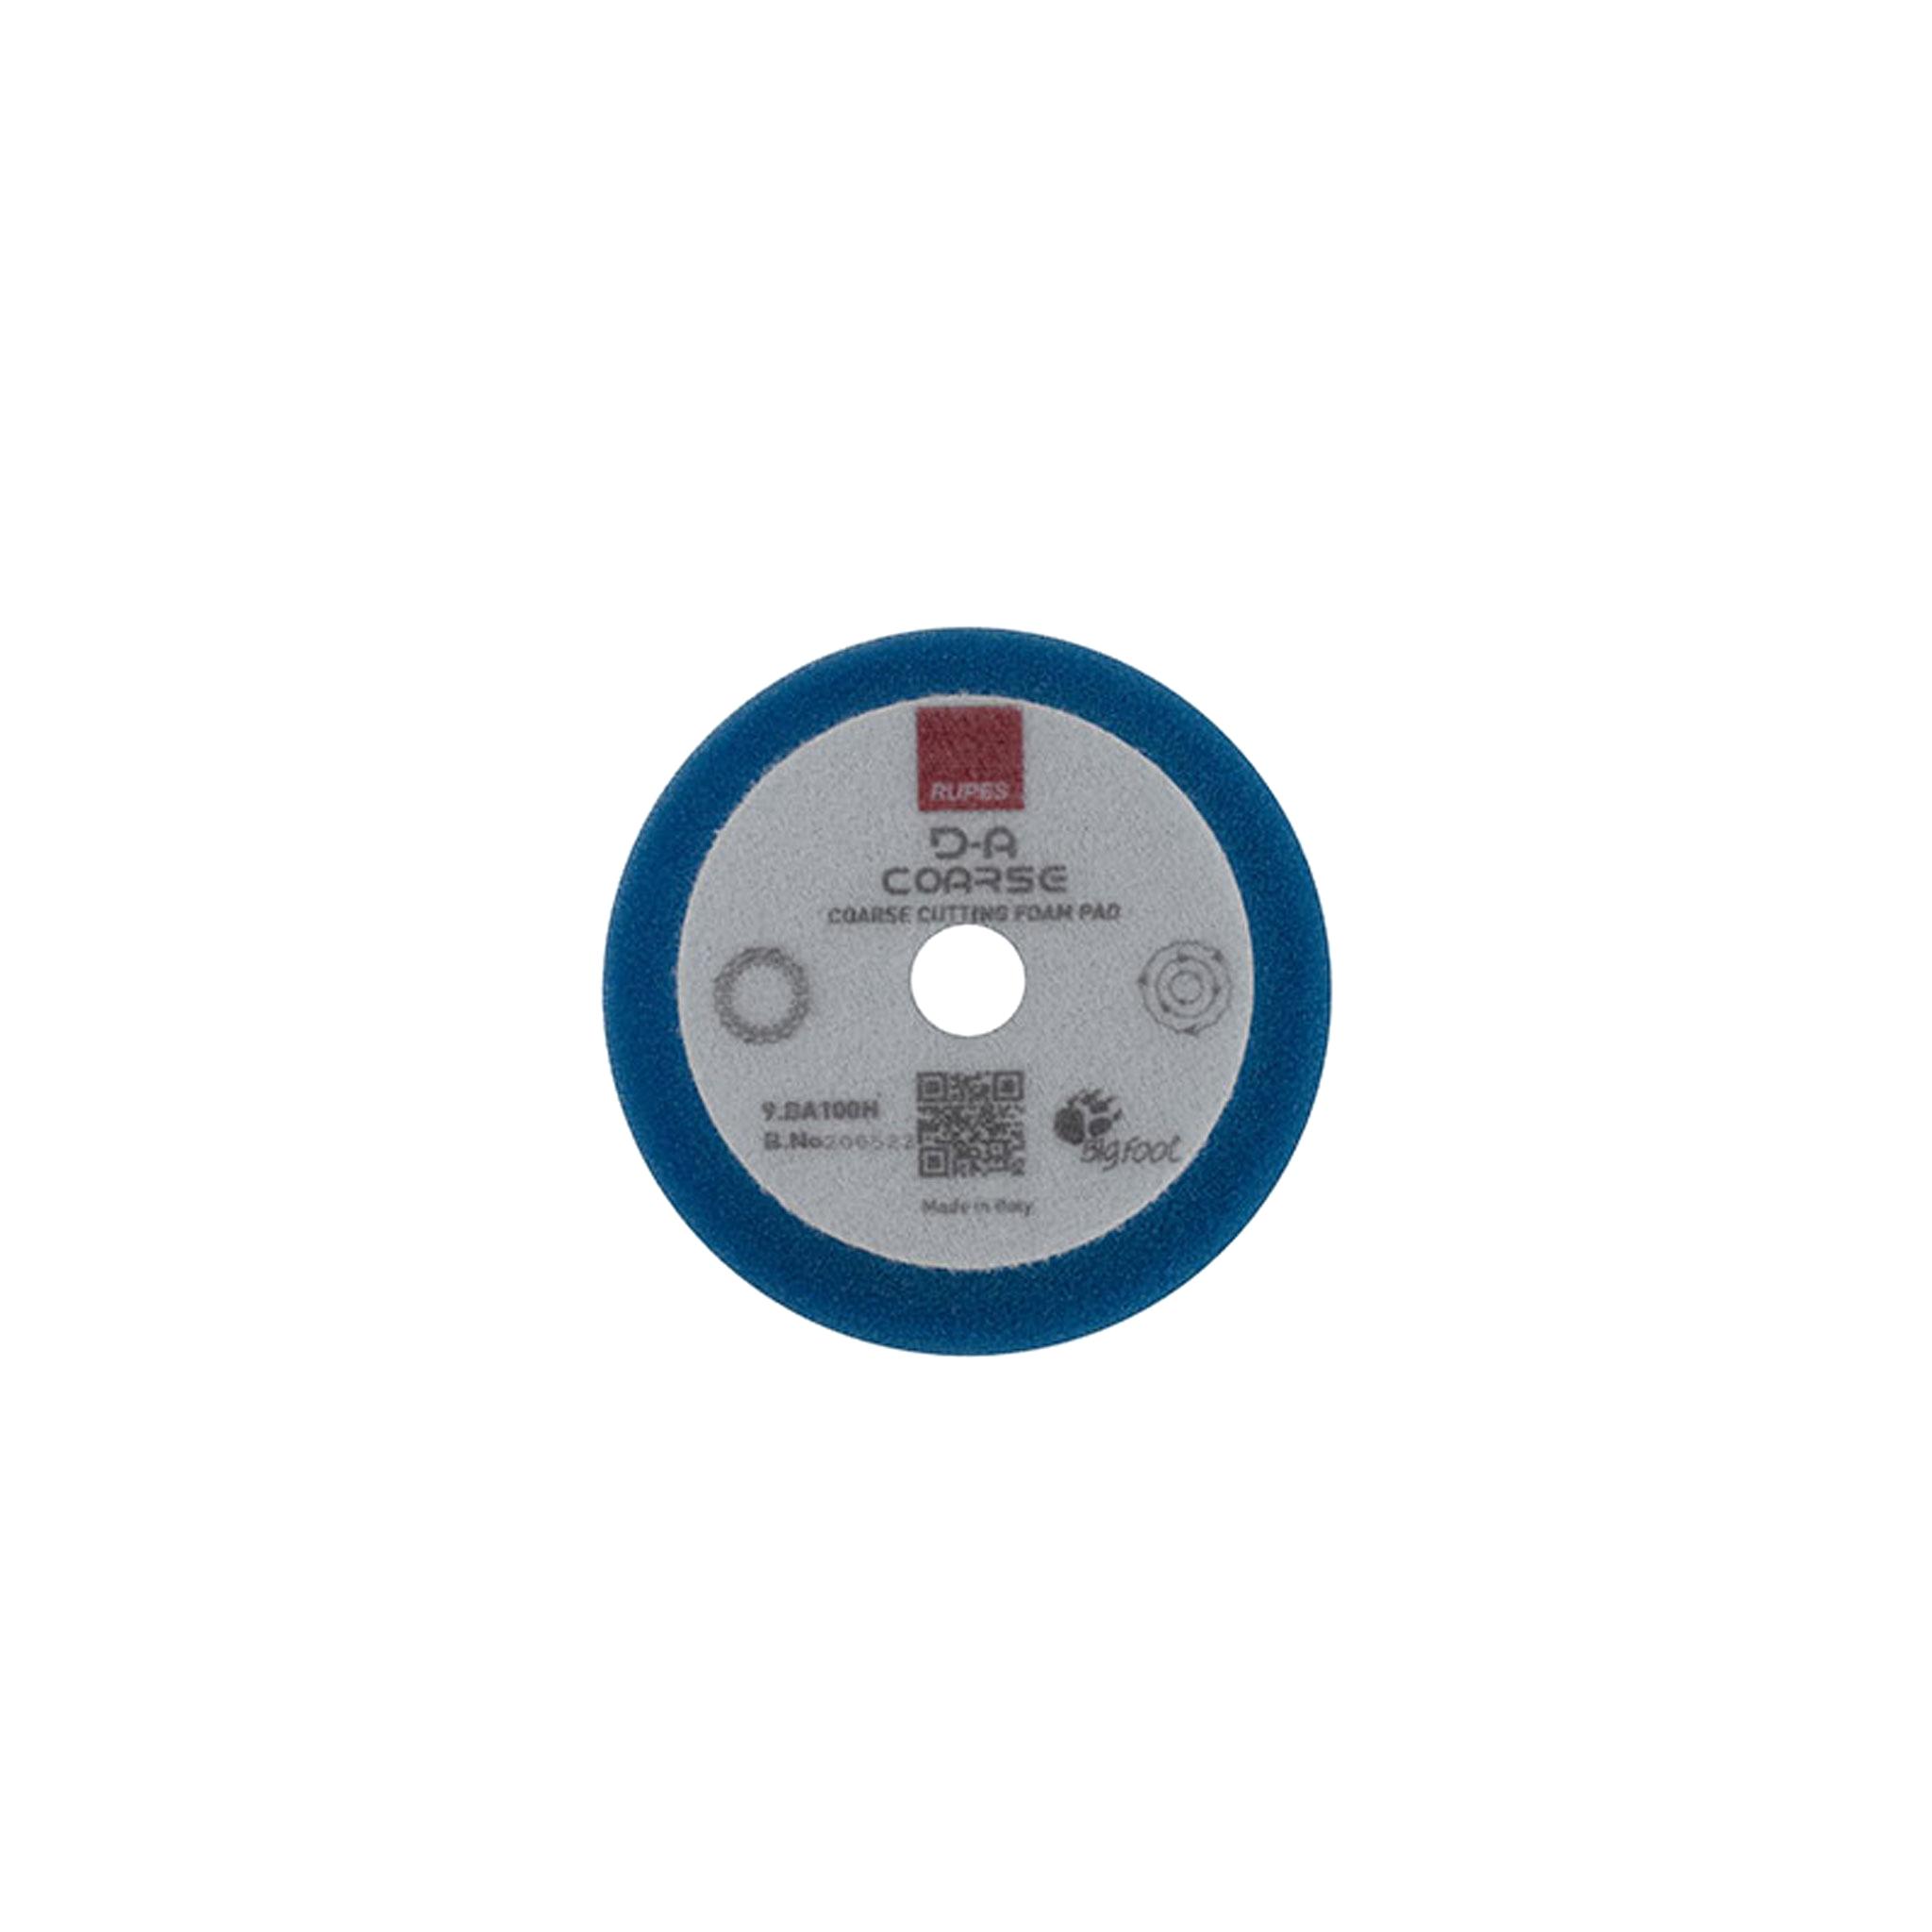 Skumrondell Rupes, D-A Coarse, Blå, 1 st - 80/100 mm